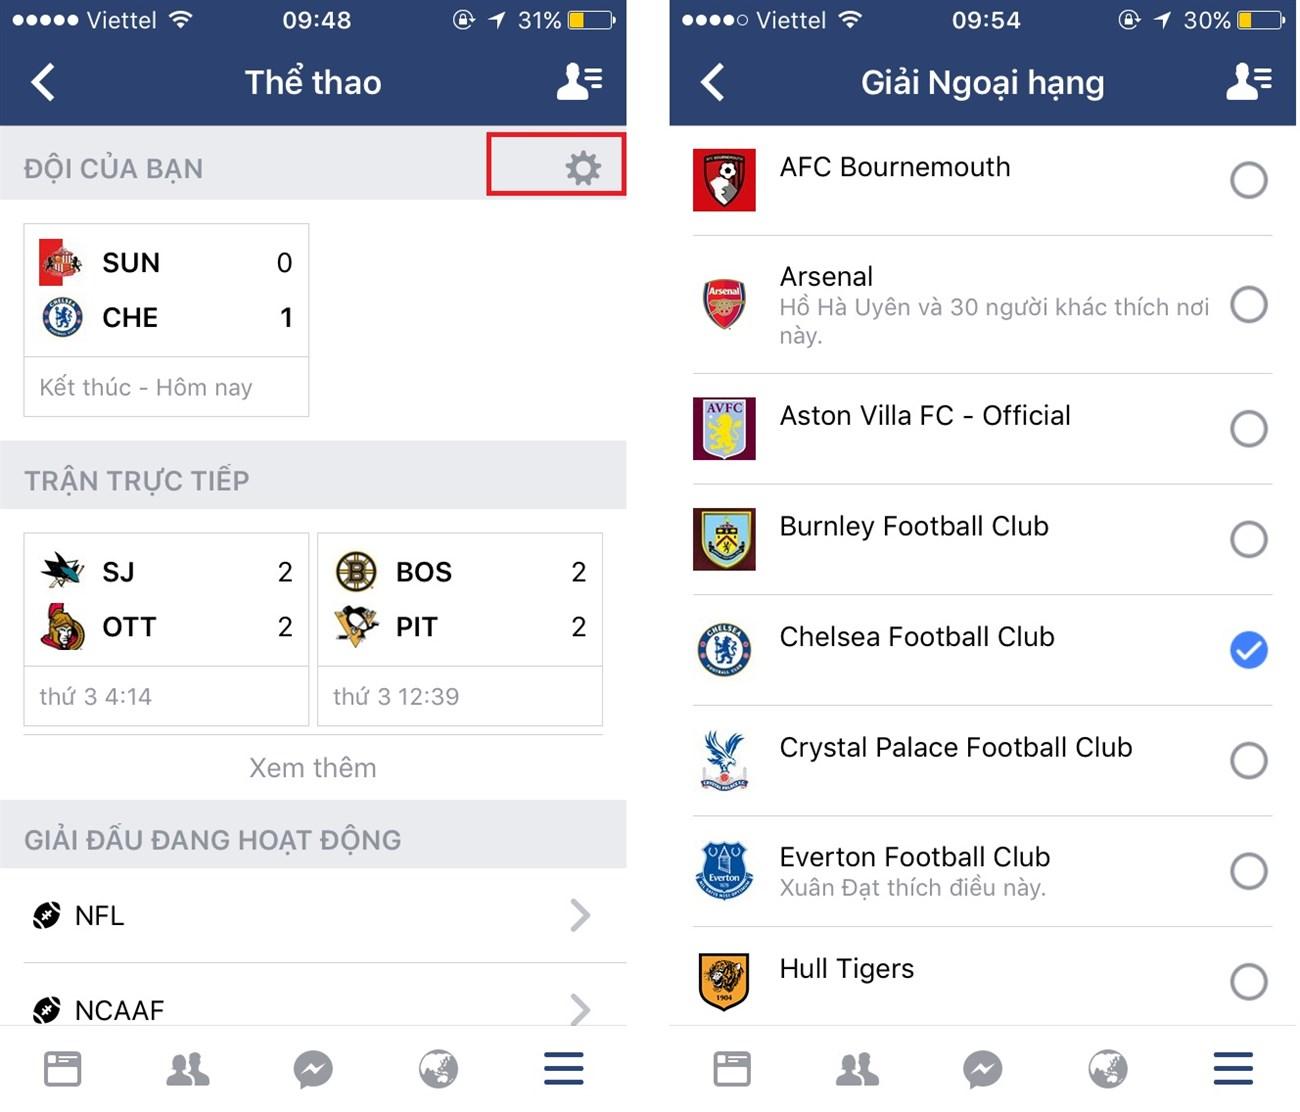 Cập nhật kết quả bóng đá ngay trên Facebook